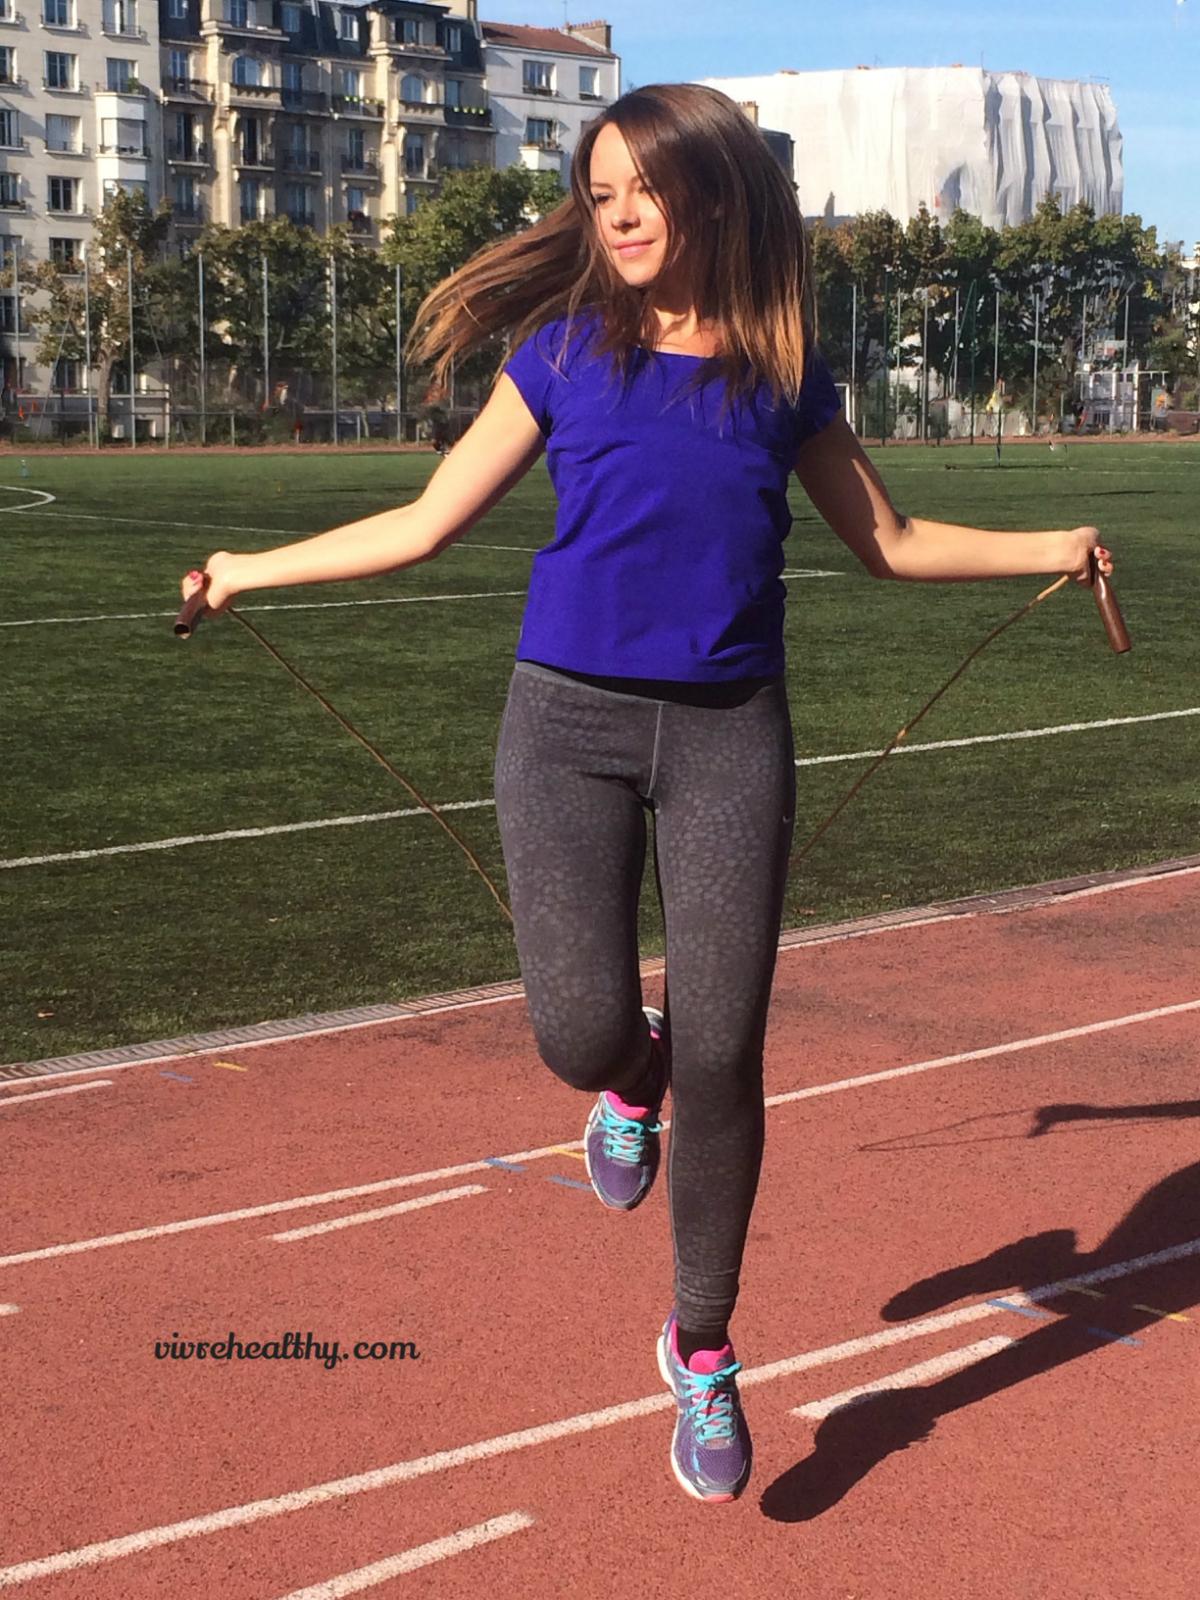 La corde à sauter, un exercice complet ! - Vivre healthy